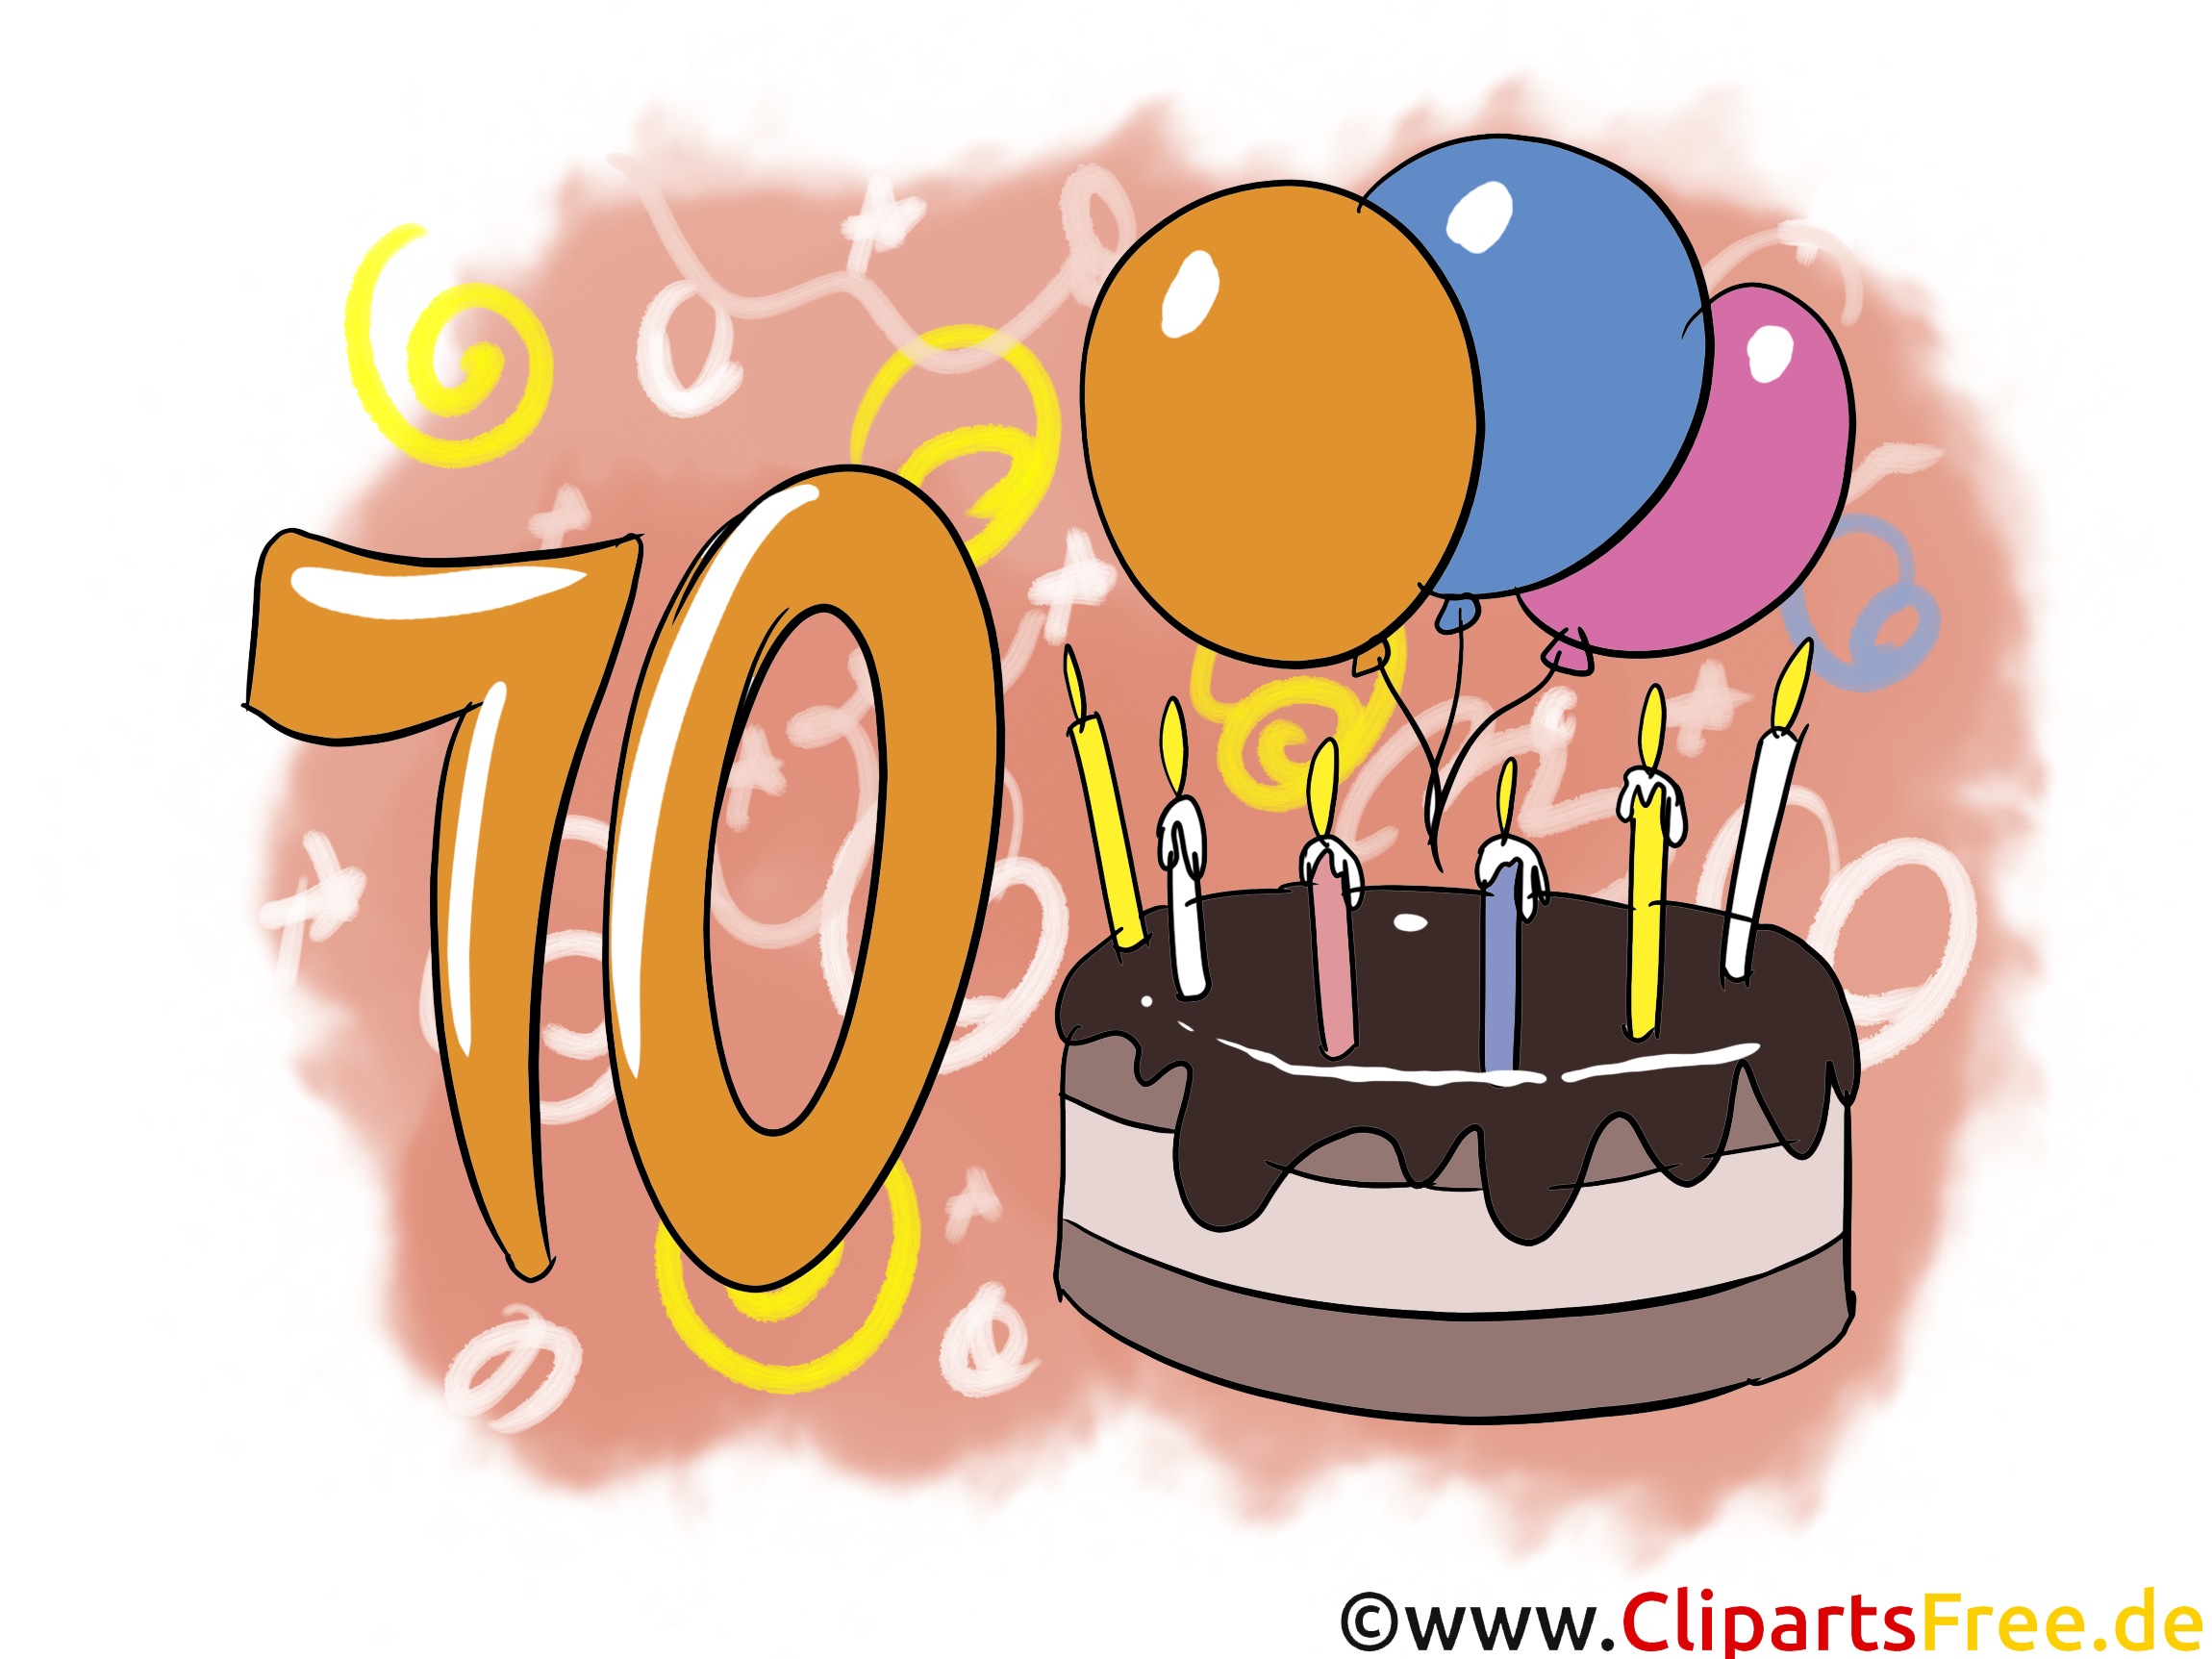 Clipart Anniversaire 10 ans illustration gratuite – anniversaire clipart - anniversaire